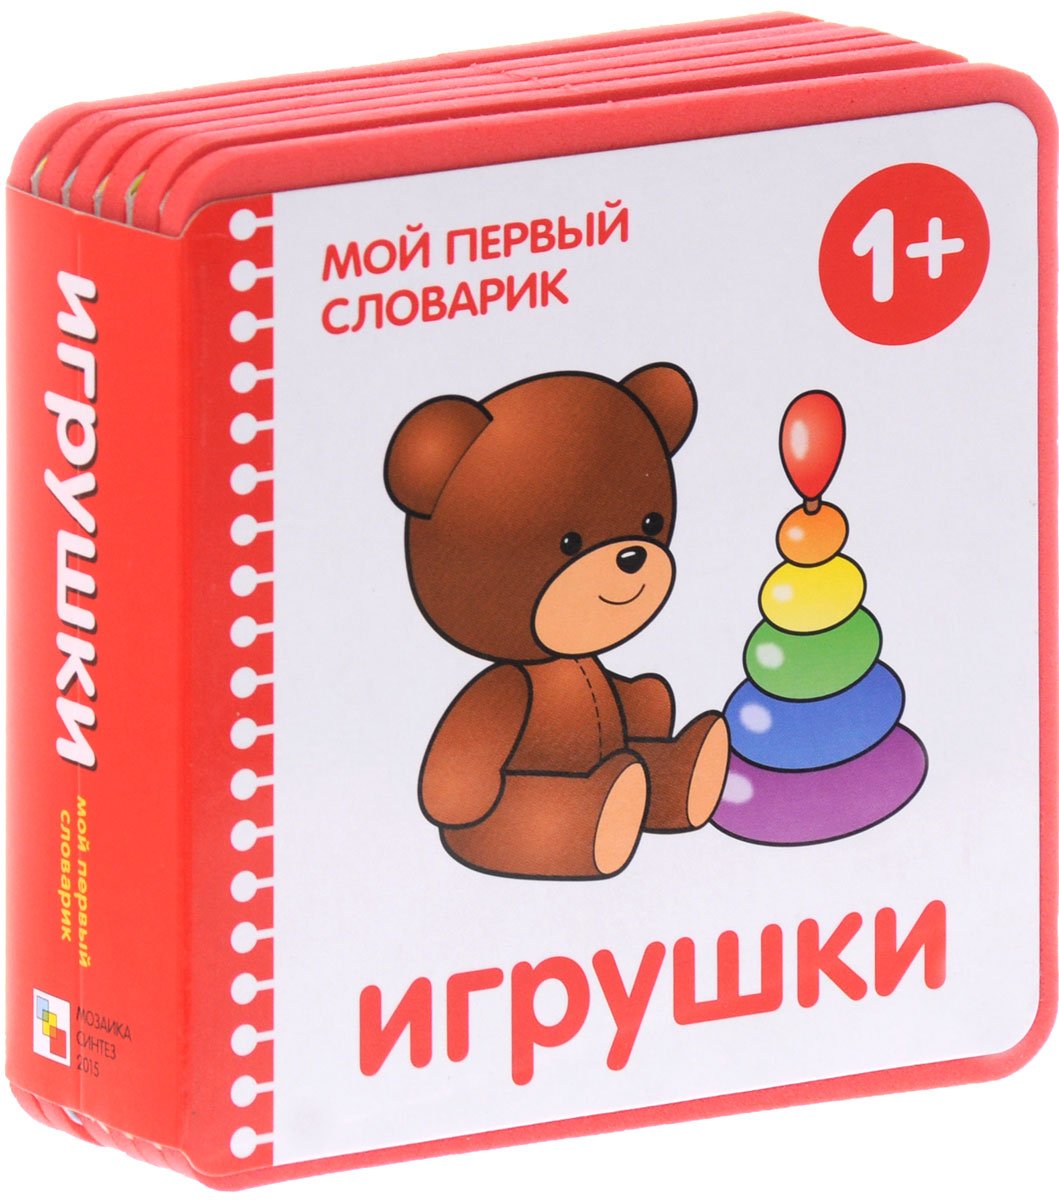 Игрушки мягкие игрушки мишки из книжки набор спящая красавица